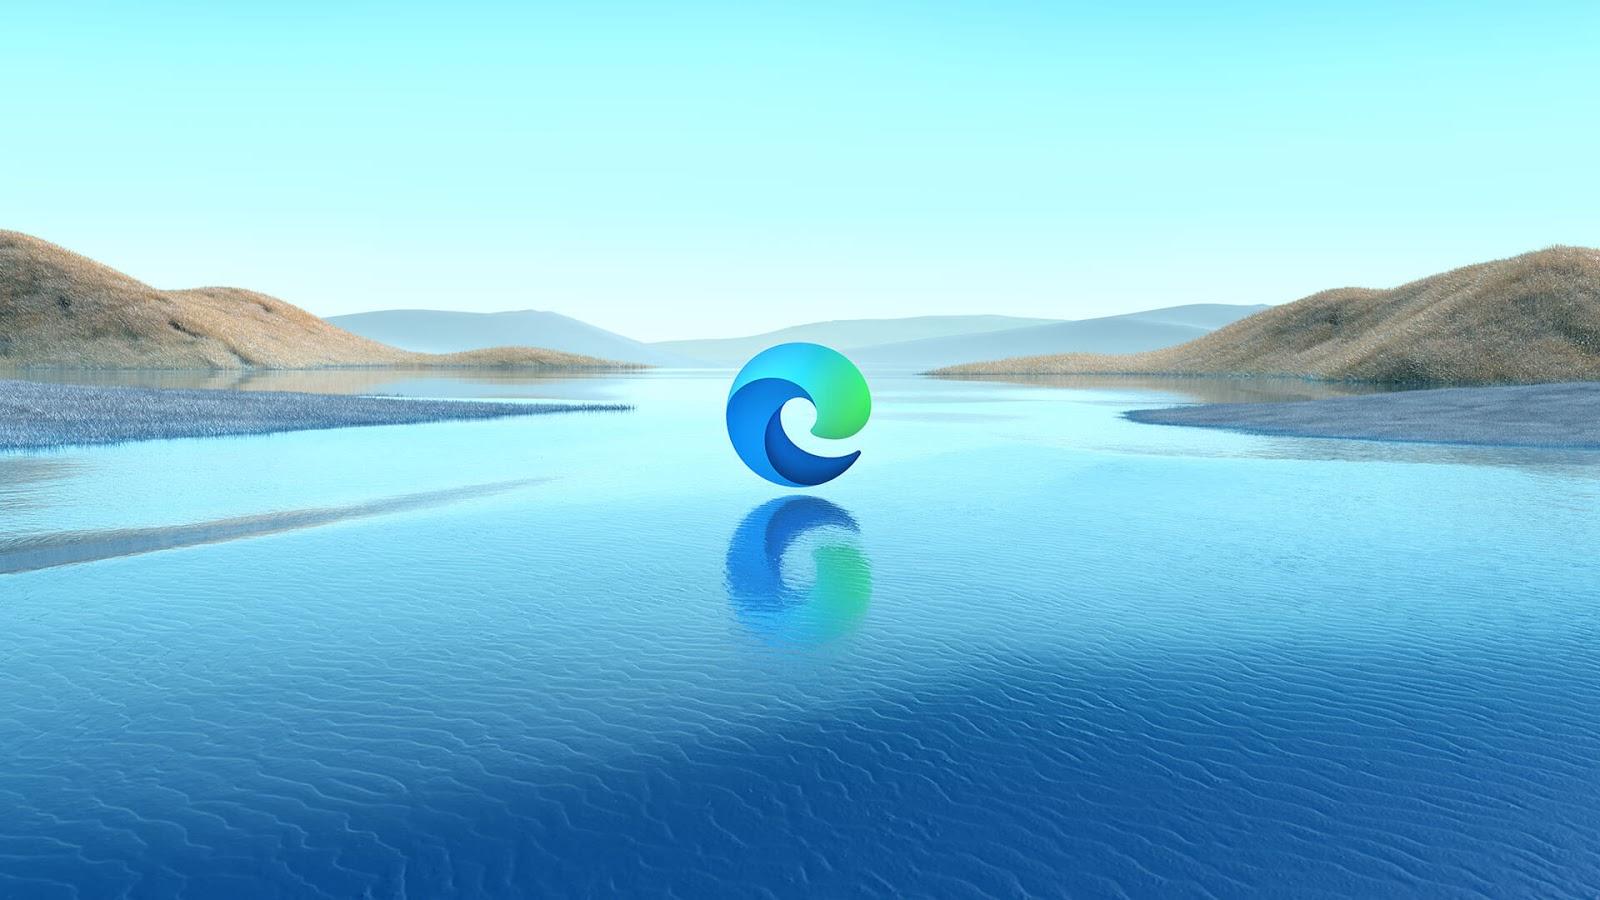 Download-sfondo-nuovo-Microsoft-Edge